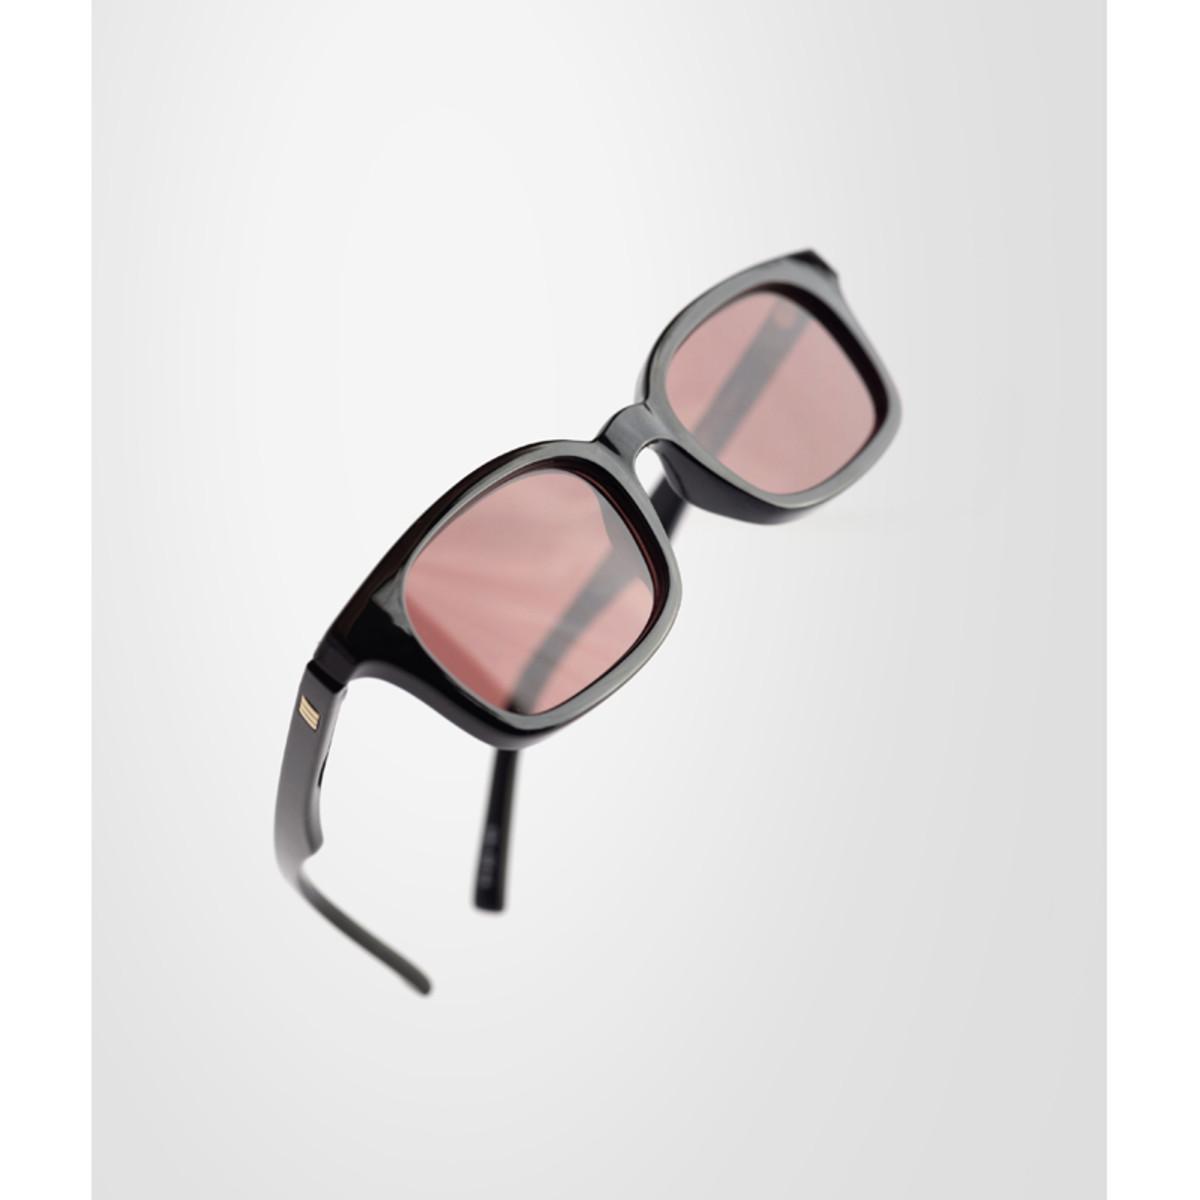 Le Specs X G.H. Mumm Rosé Limited Edition Sunglasses